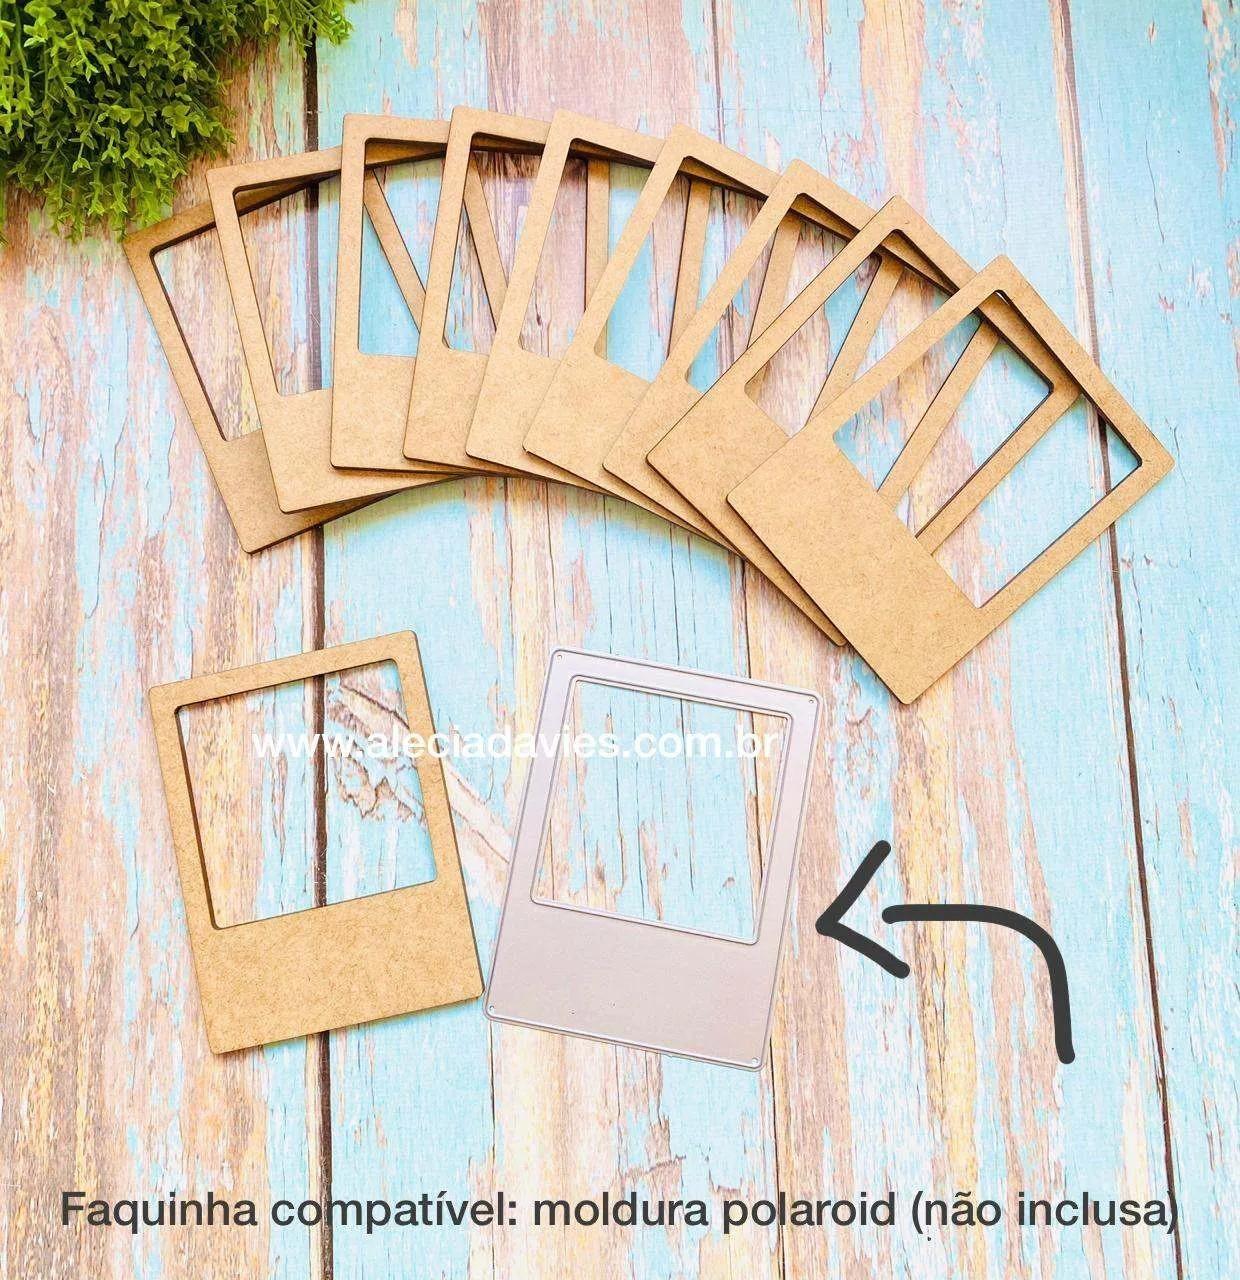 Kit 10 molduras estilo polaroid